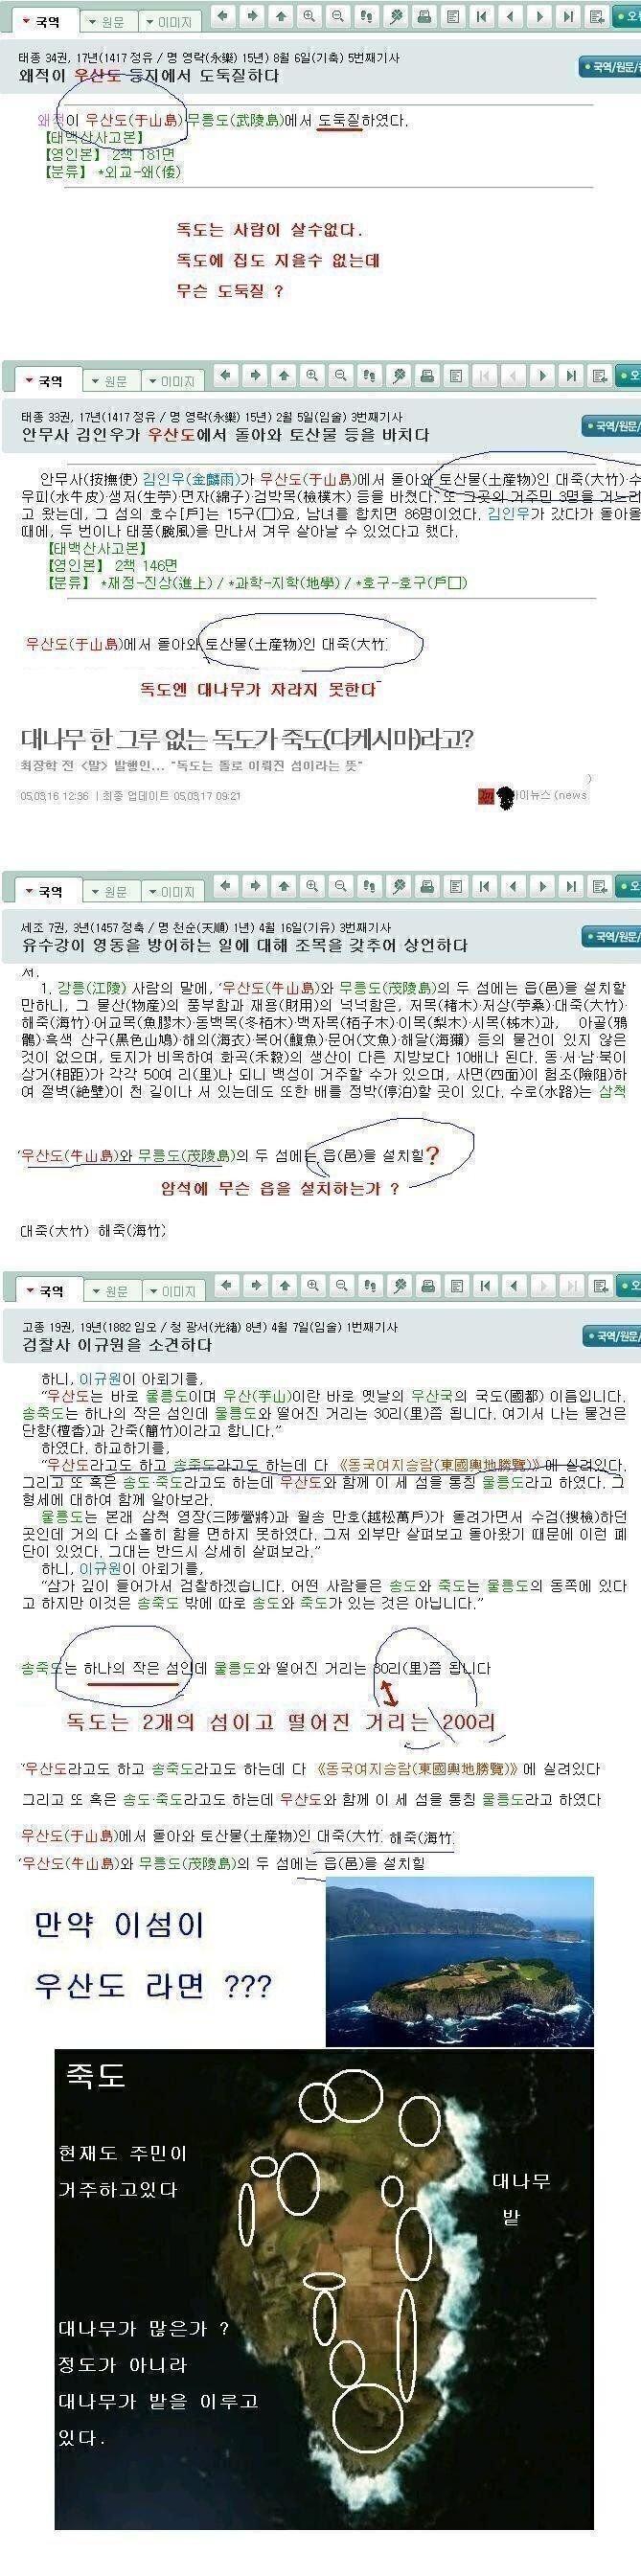 viewimage.php?id=25b8dc2aeedd2aa36f&no=24b0d769e1d32ca73ceb86fa11d02831eebc6c37c2fa034916fac403202405e2dd01ef055fa239274608139ab415fe475d5ce452049a890820ba6512af8b814479eb2757225d2936